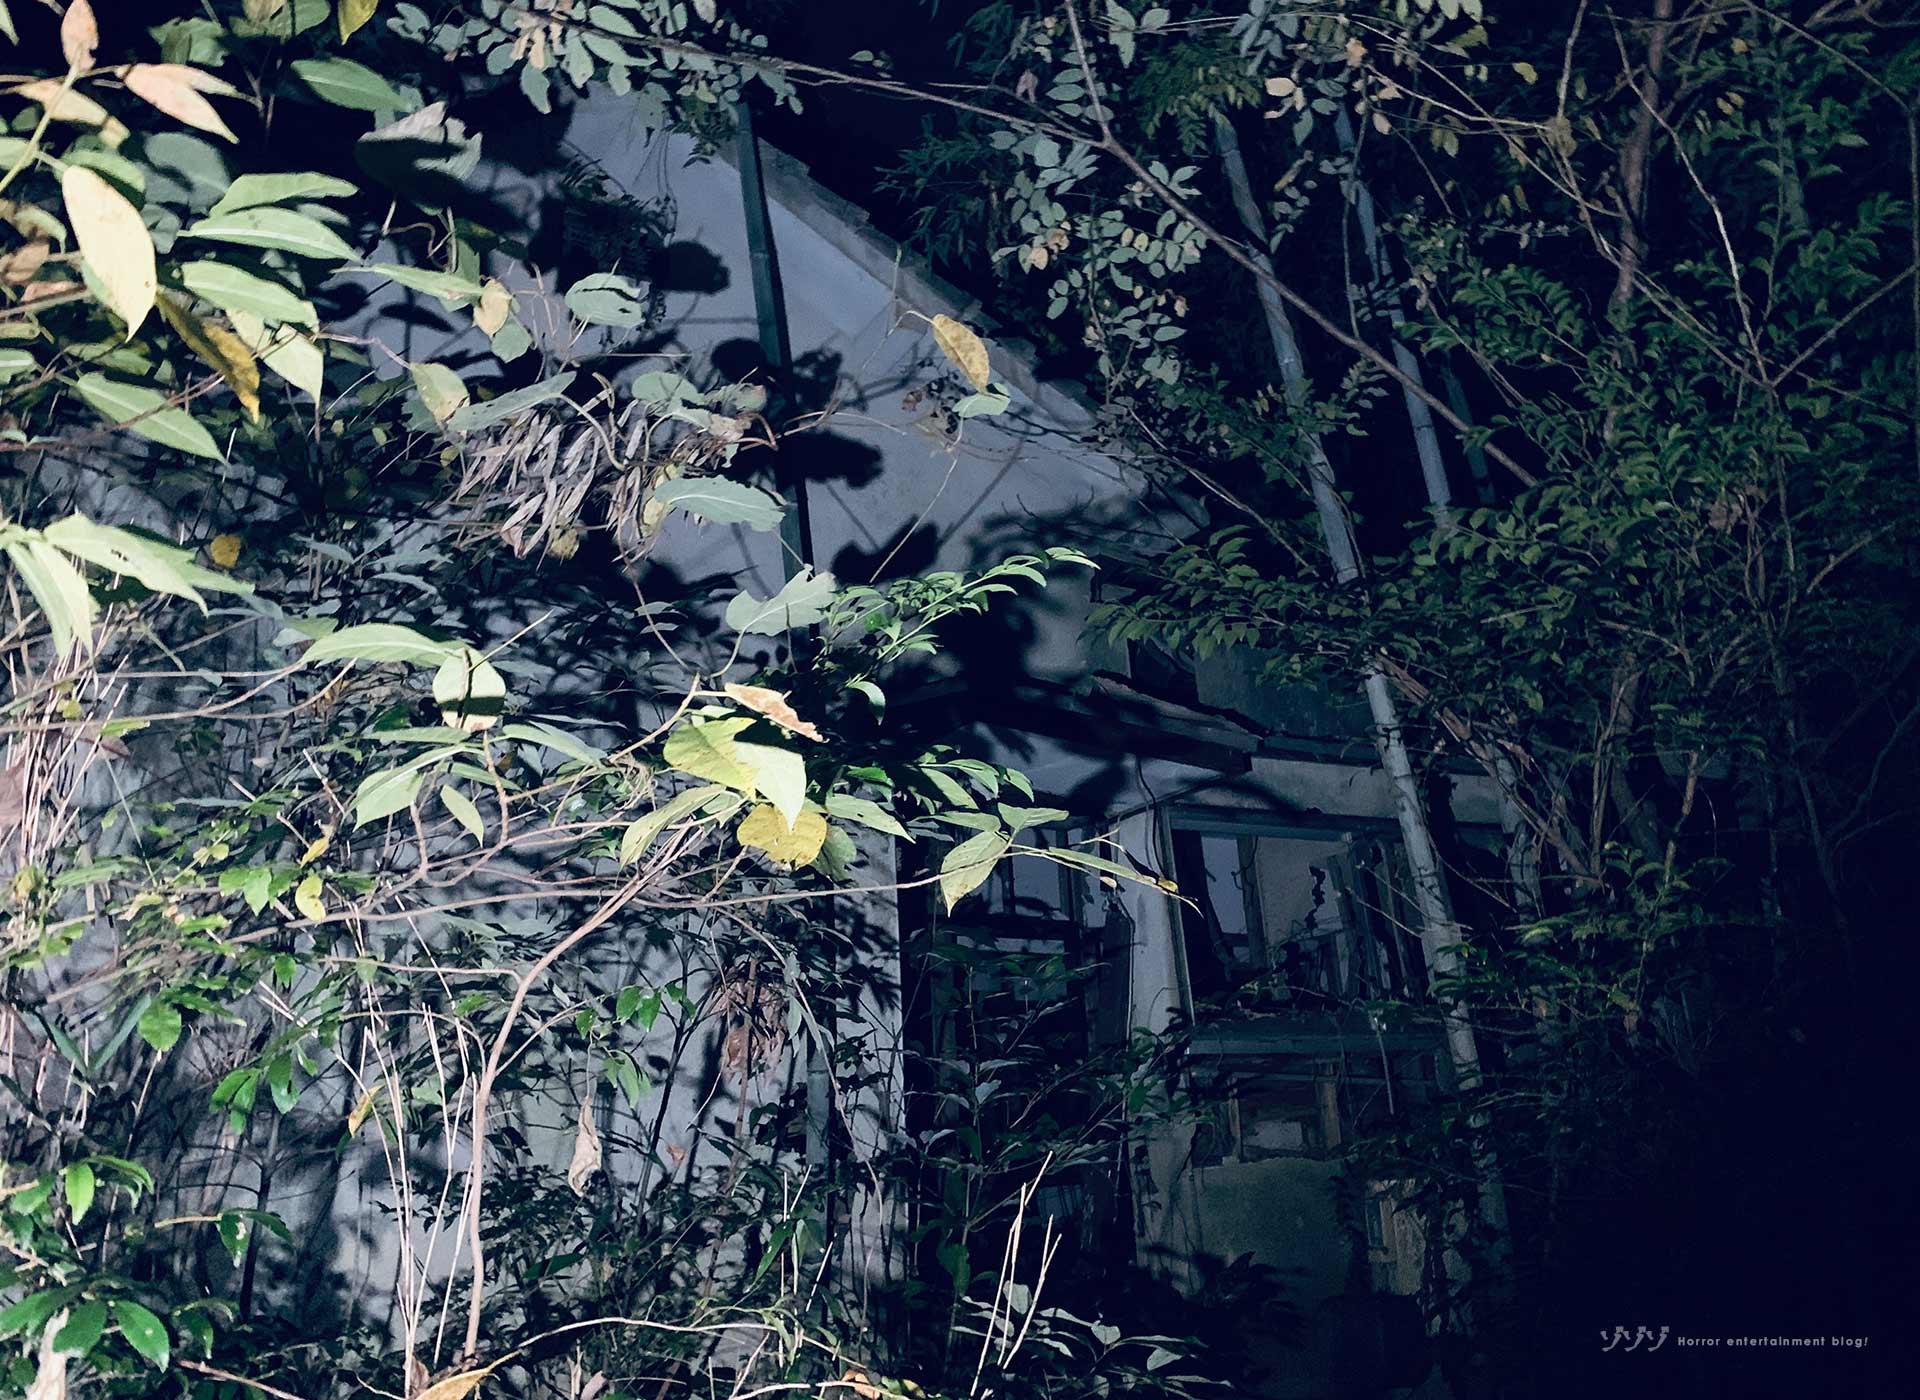 【シリーズ・心霊スポット】イノチャン山荘